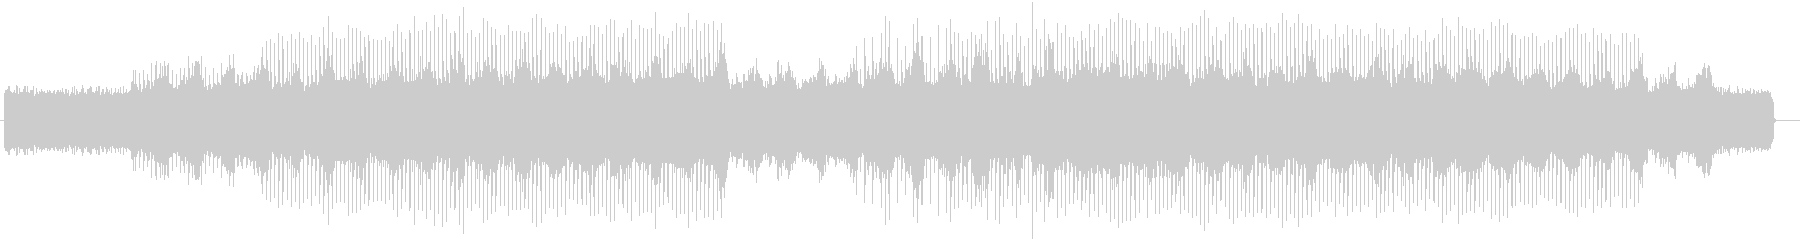 ドラマティックなギターピアノサウンドの未再生の波形